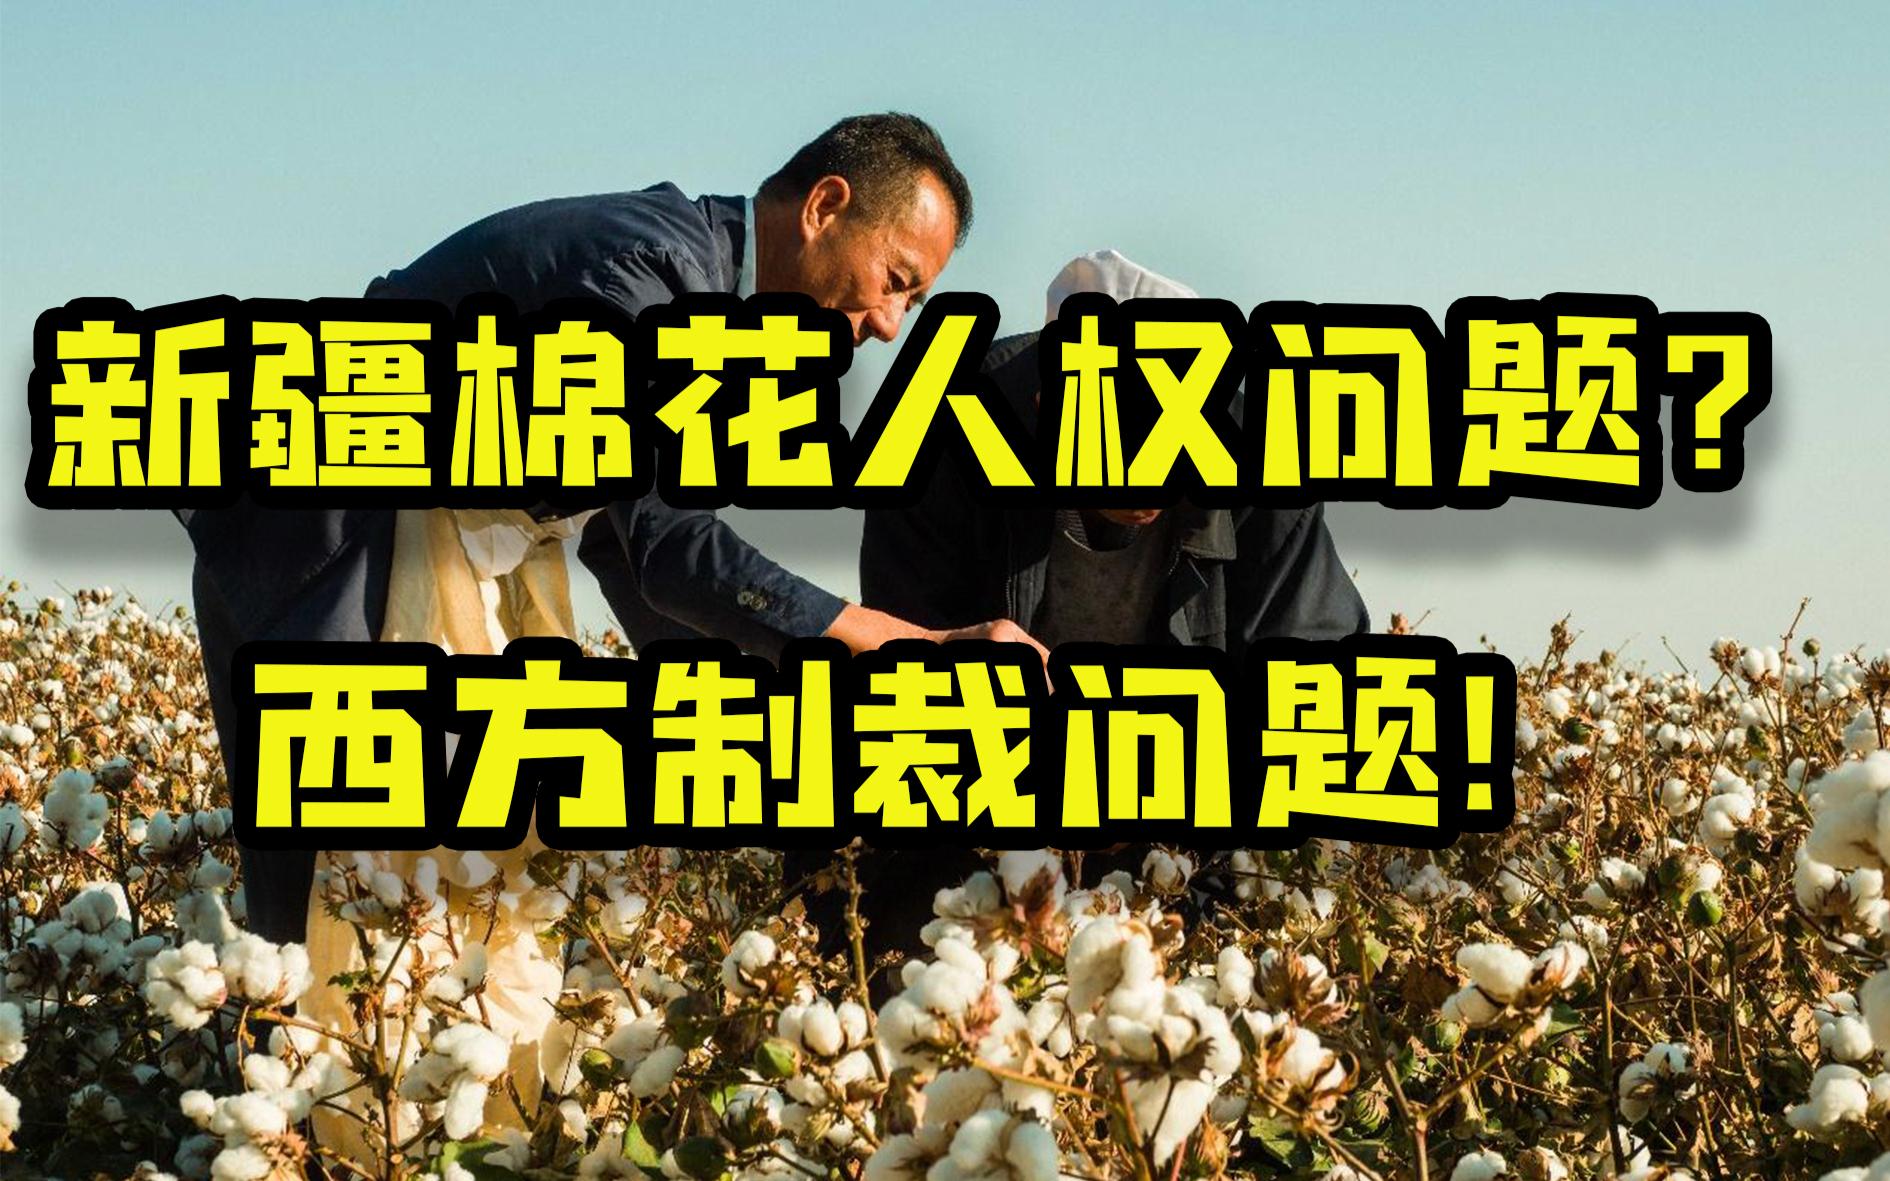 制裁新疆棉花是为了人权?可拉倒吧![茴香馅胡扯]